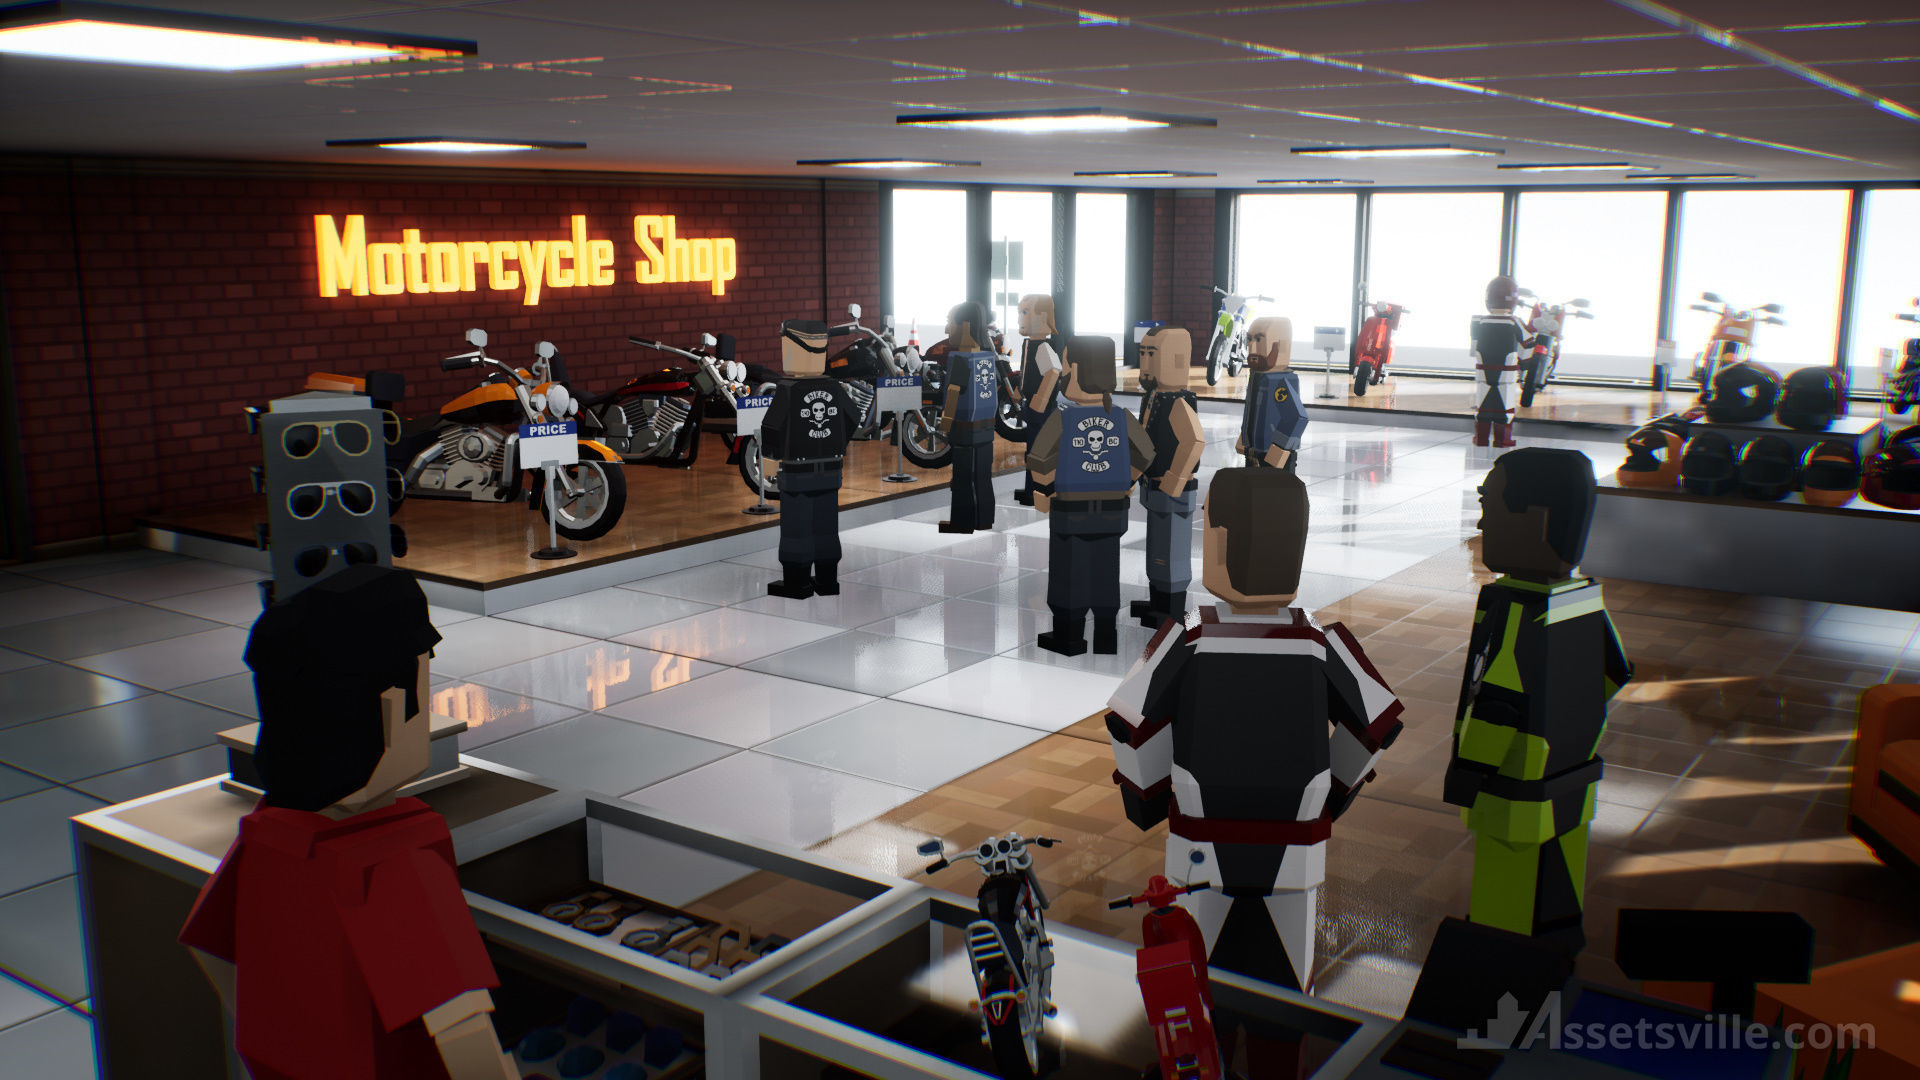 Assetsville Motorcycles